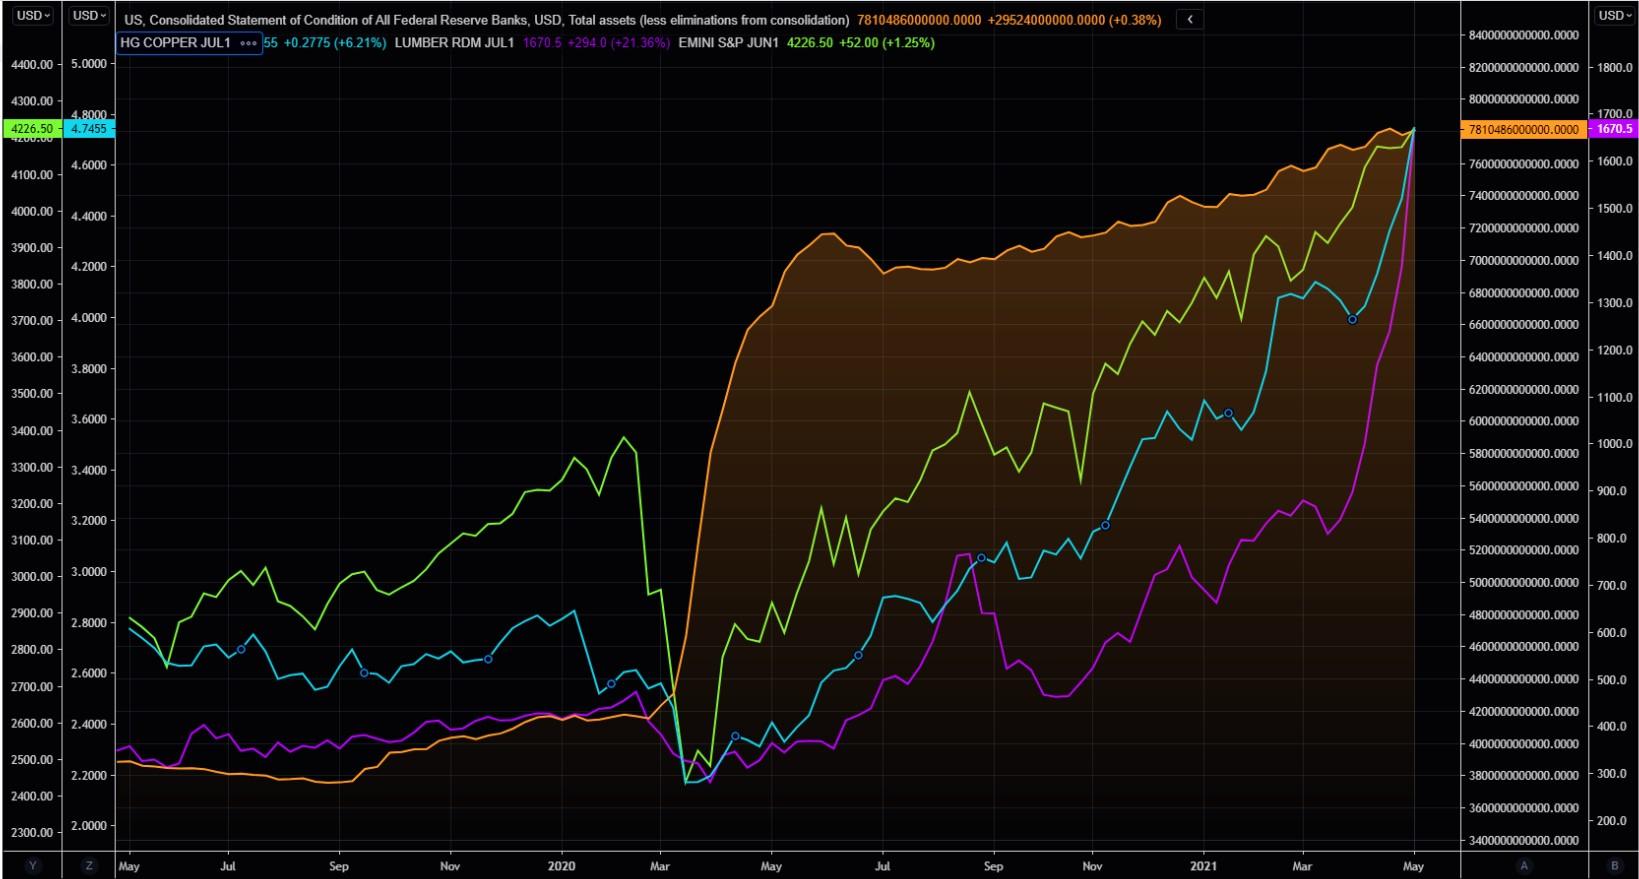 Fed balance sheet vs. selected asset class